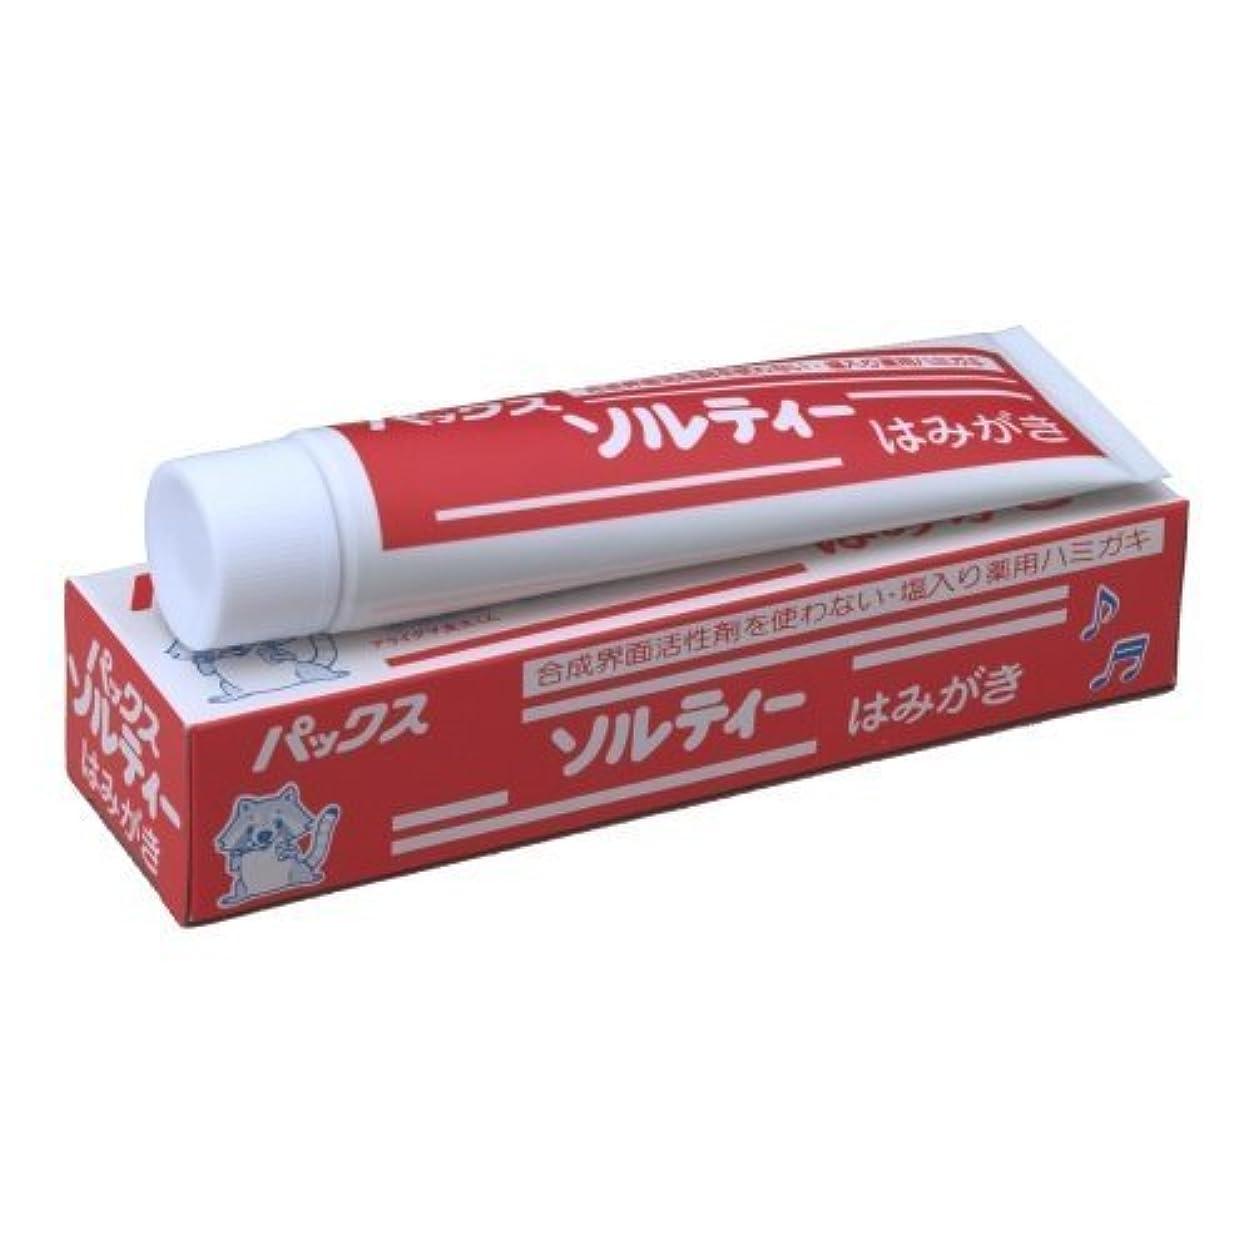 タンザニアいらいらするレビューパックスソルティー齒磨き 80G【6個パック】